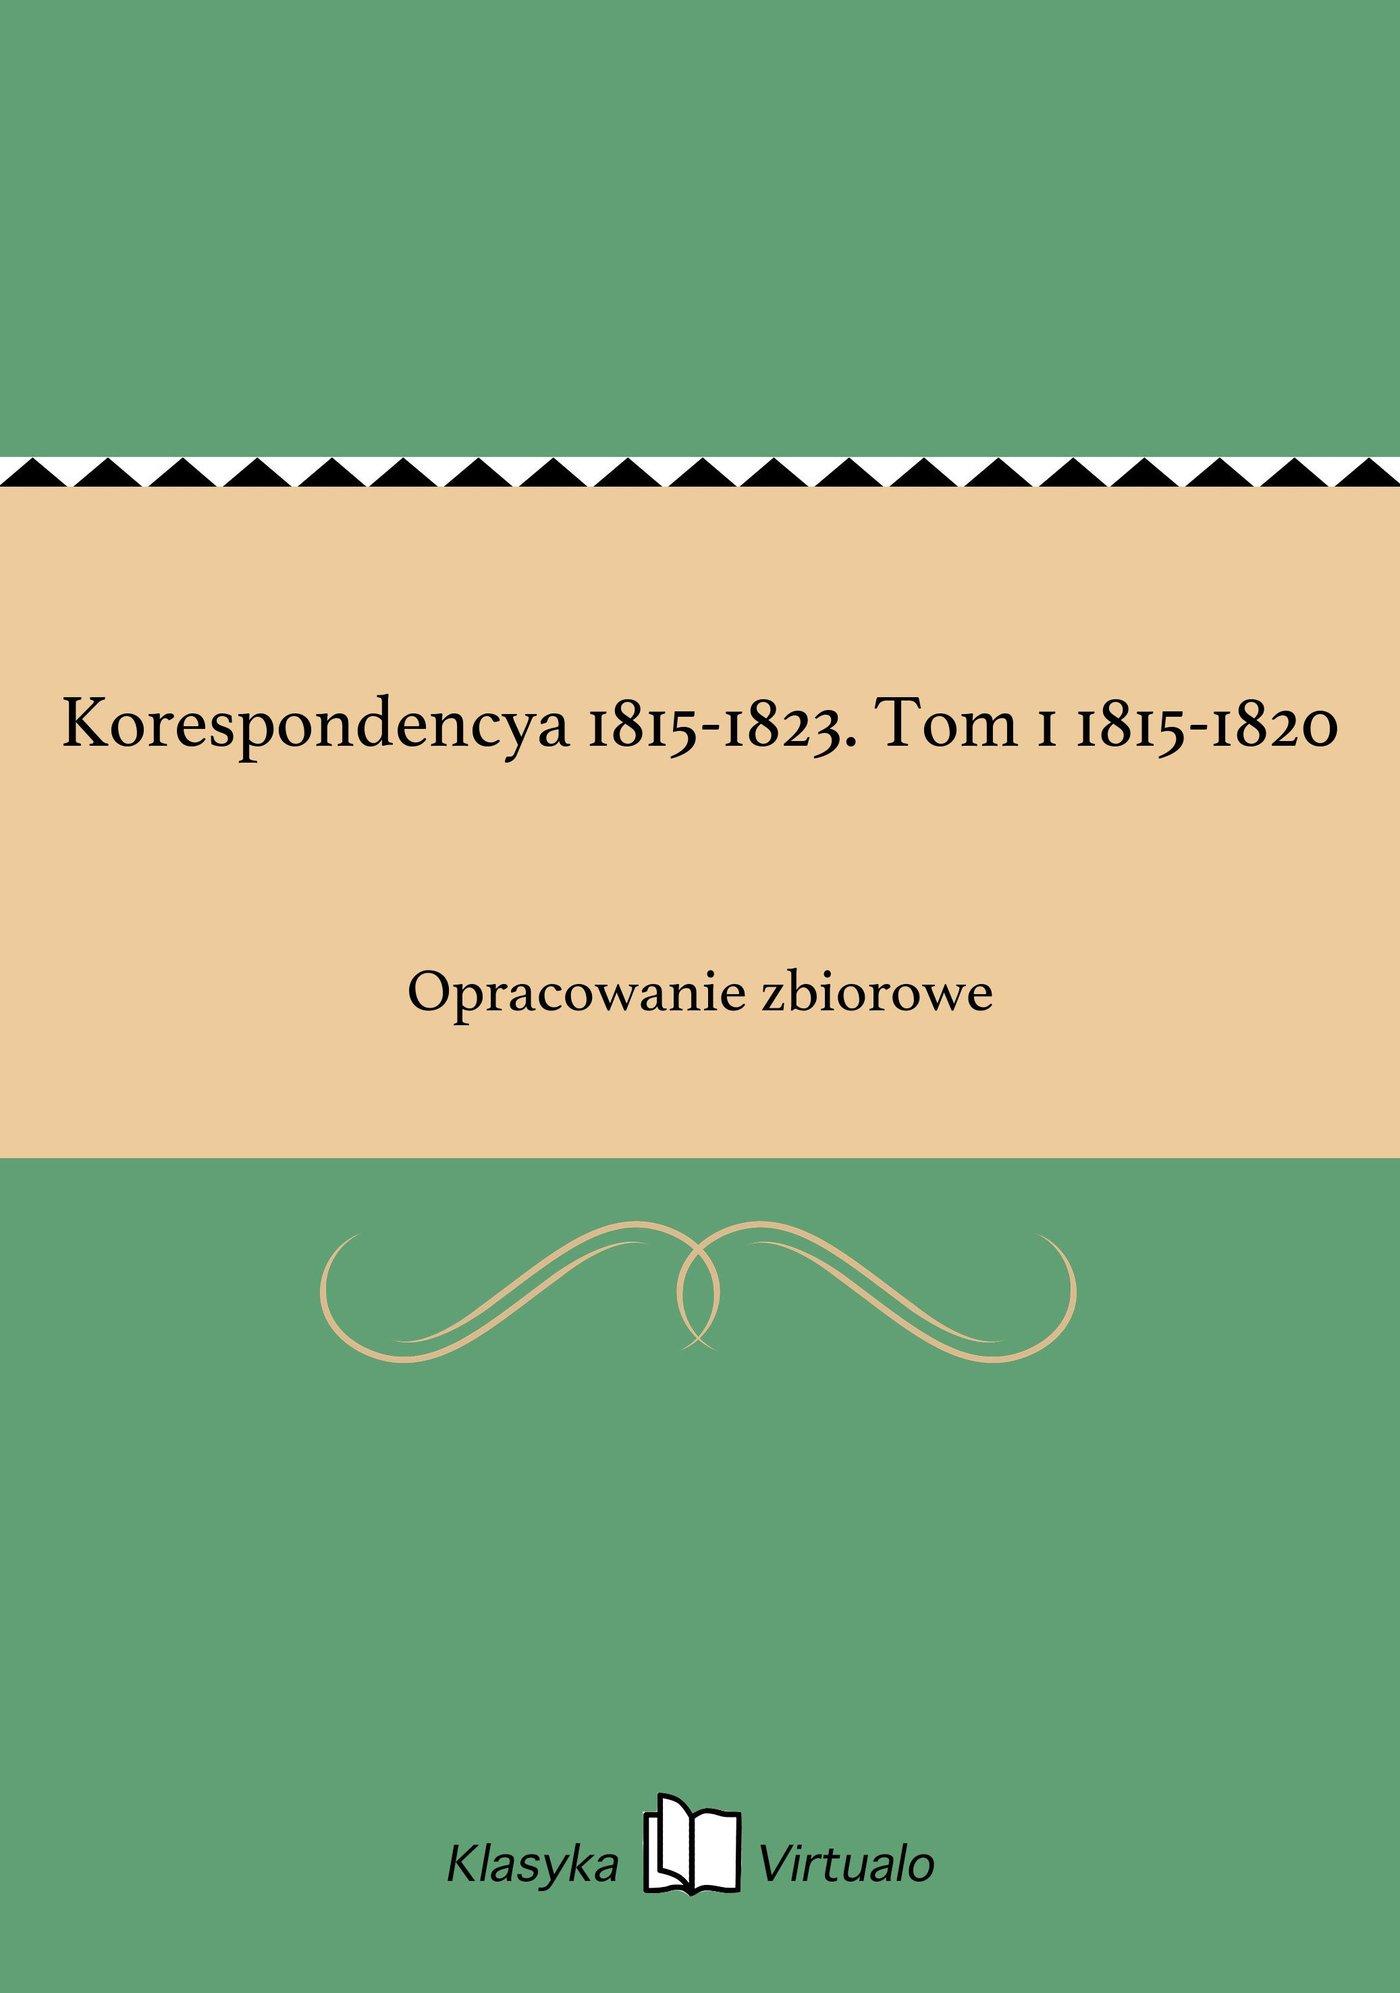 Korespondencya 1815-1823. Tom 1 1815-1820 - Ebook (Książka EPUB) do pobrania w formacie EPUB